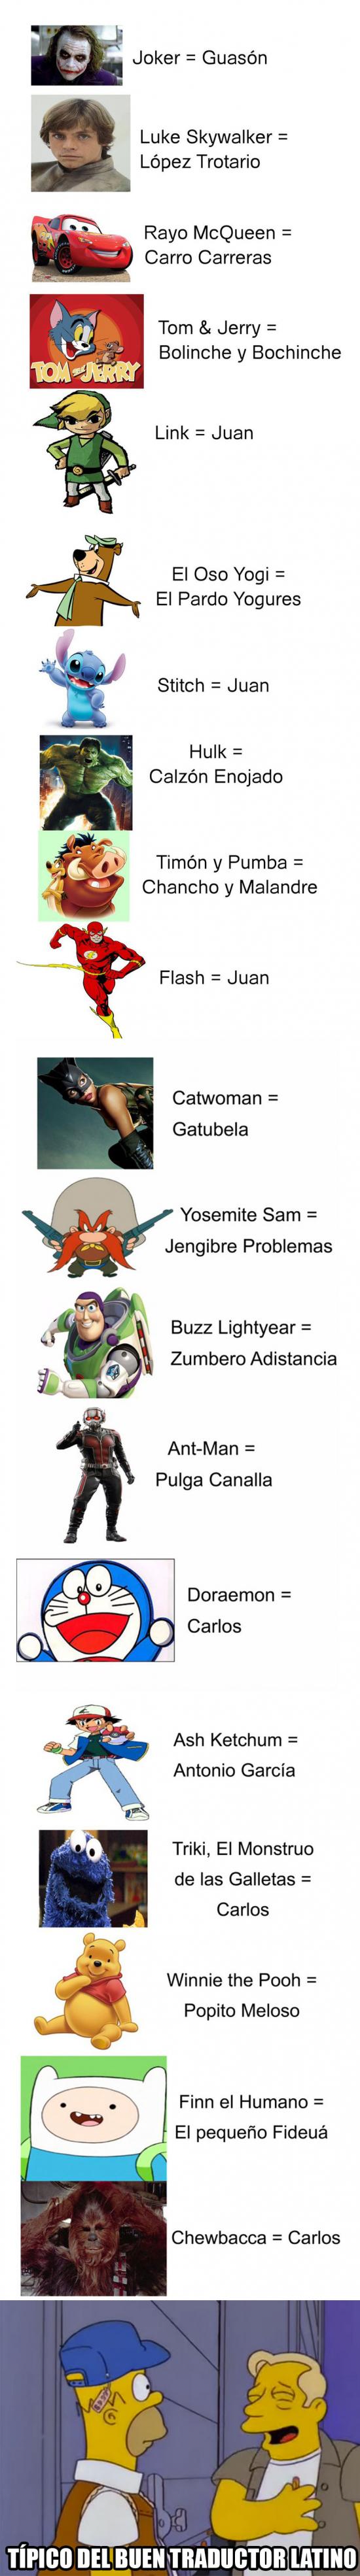 Otros - Latinoamérica y las traducciones de algunos personajes famosos